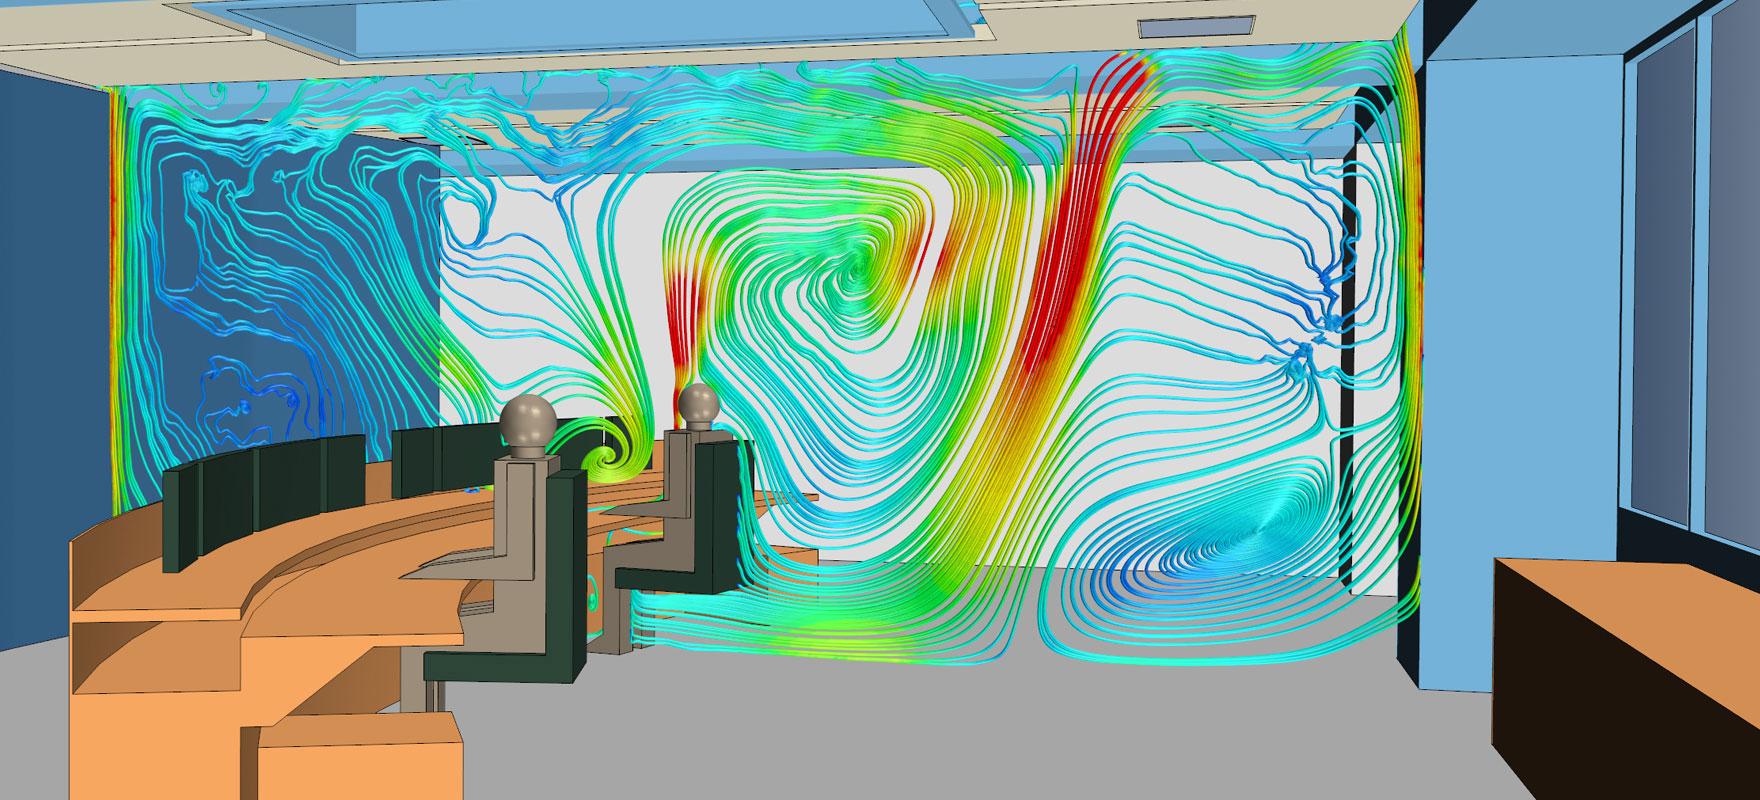 Strömungssimulation der Luftströmung am Arbeitsplatz zur Optimierung der Lüftungsanlage